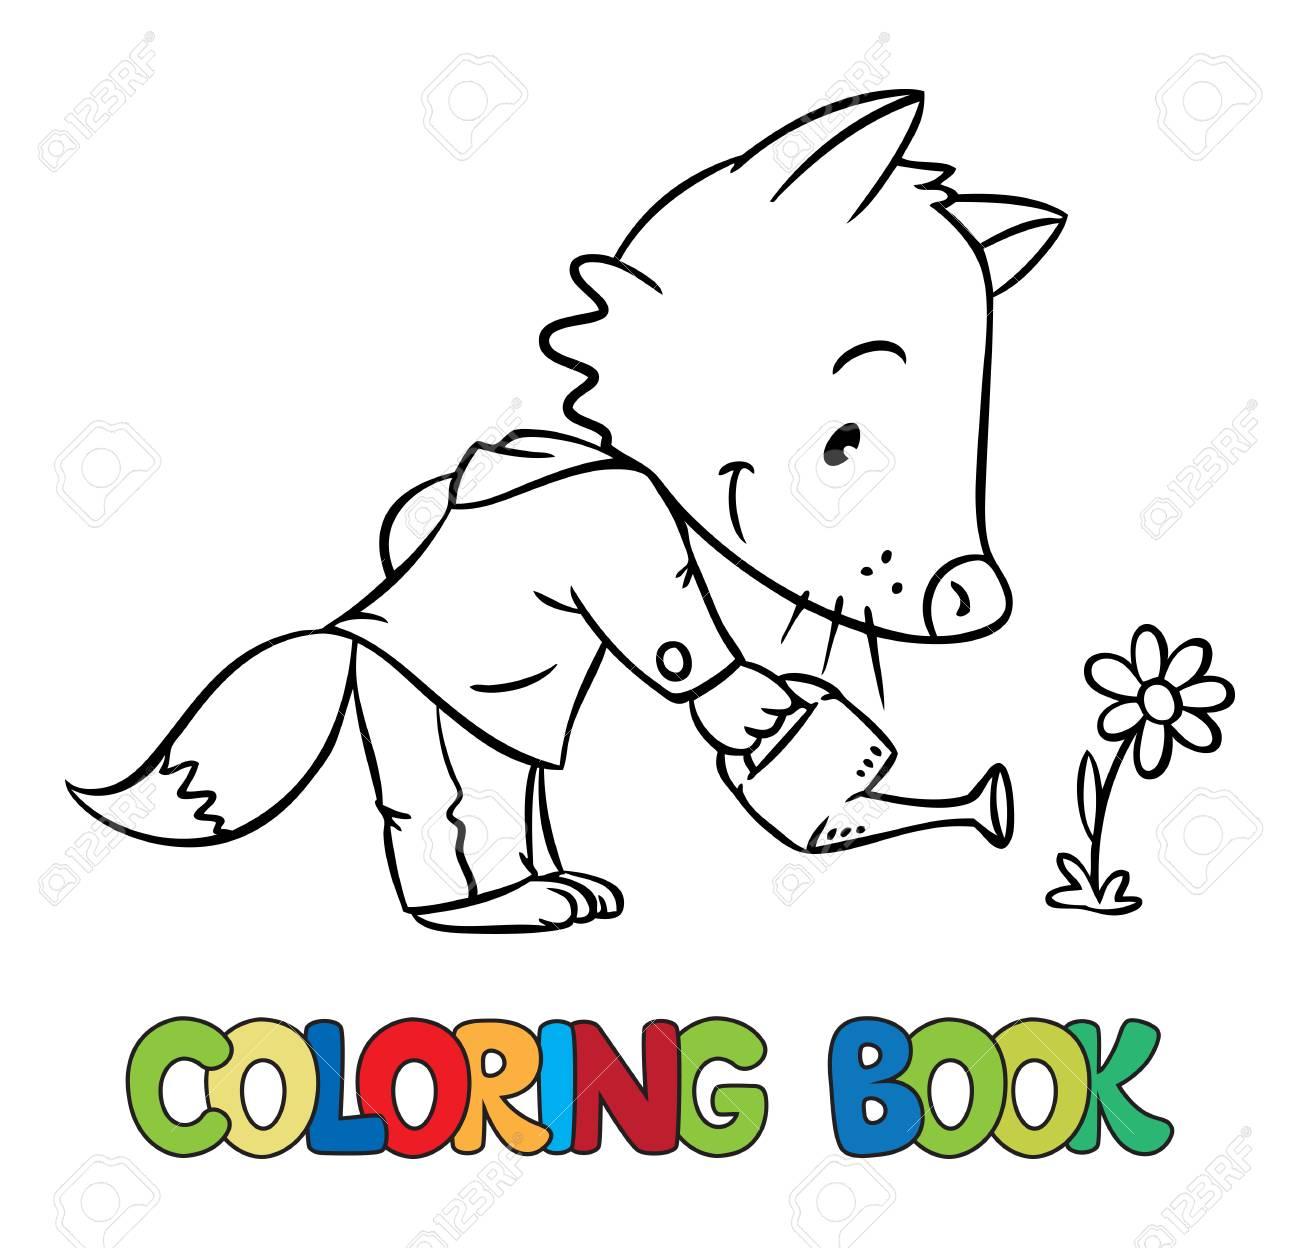 Coloriage Bebe Fleurs.Coloriage Livre Drole Petit Bebe Renard Avec Arrosoir Et De Fleurs